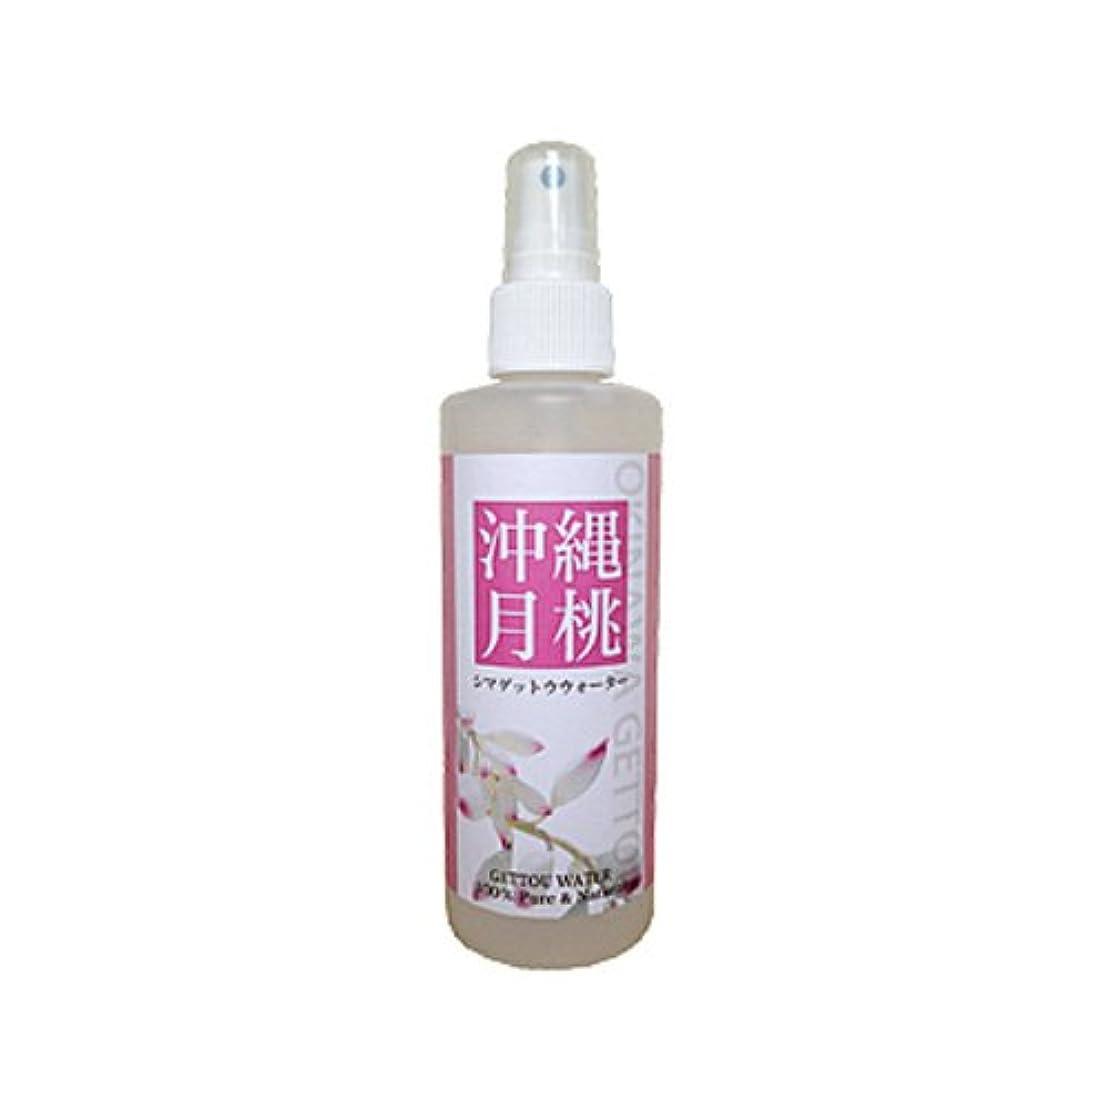 プランテーションコースディレイ月桃蒸留水 フローラルウォーター シマ月桃葉100%使用 200ml